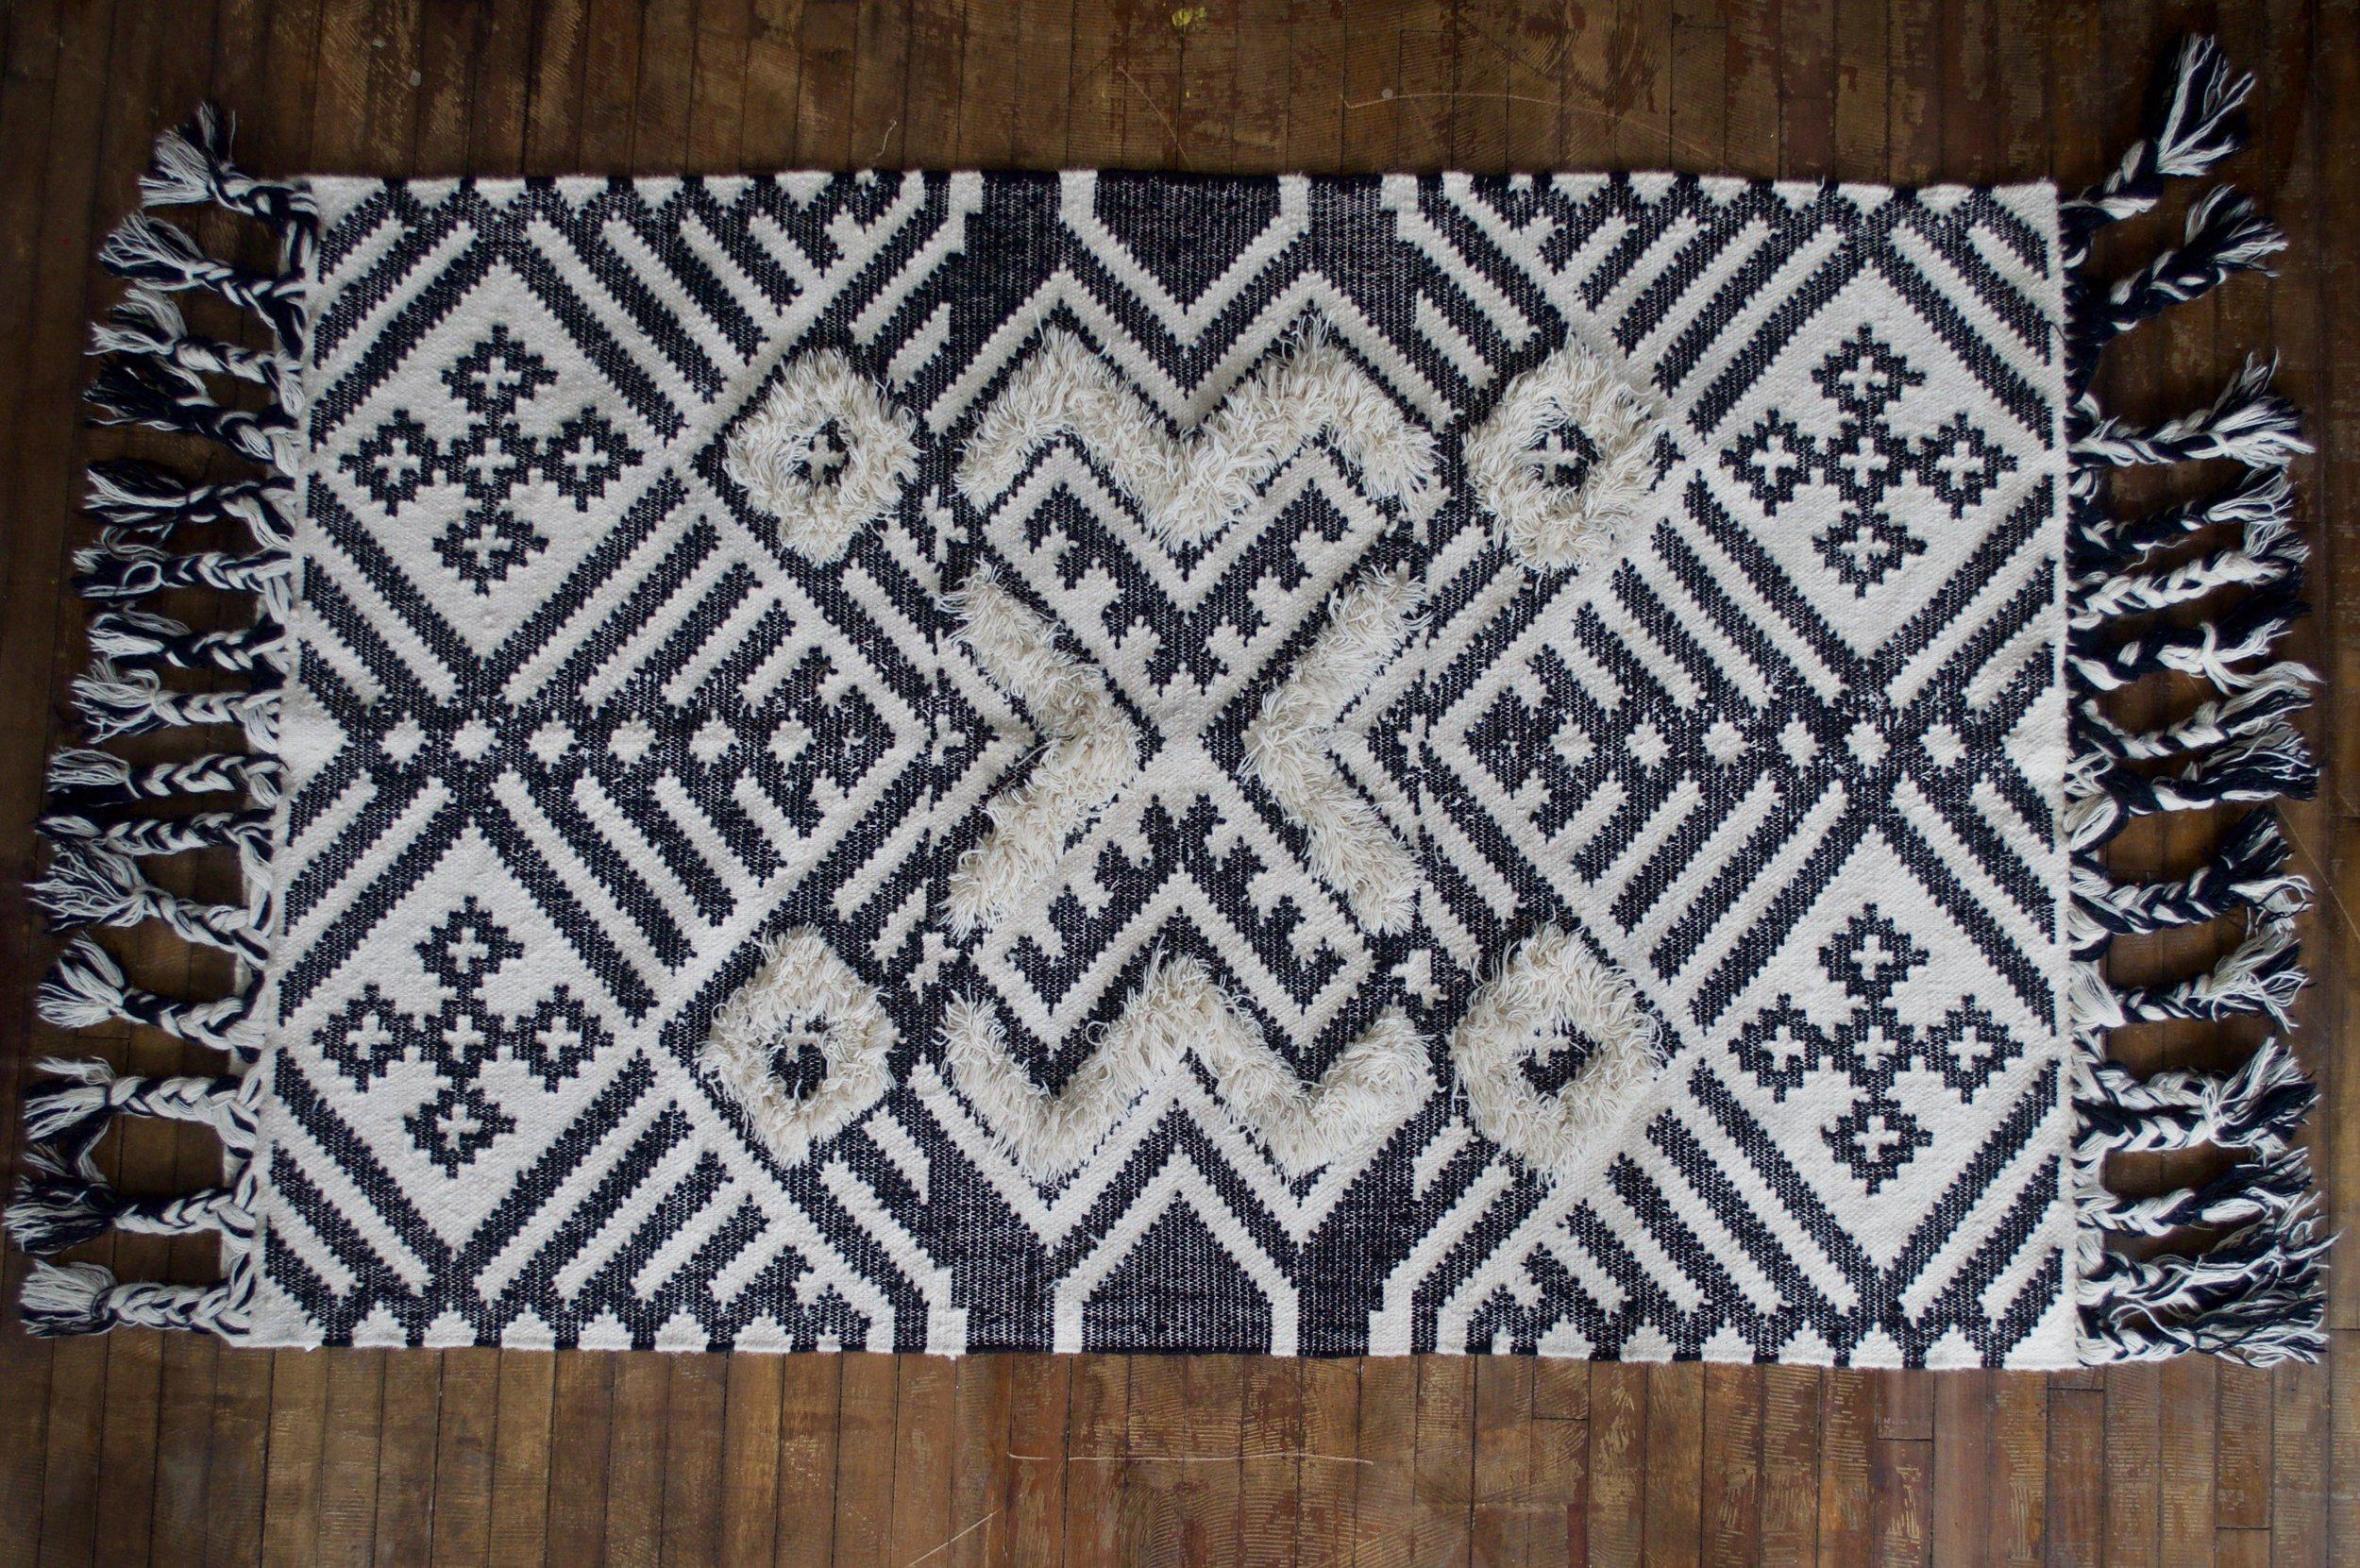 La Vie Boheme Rug (4 x 6) $48